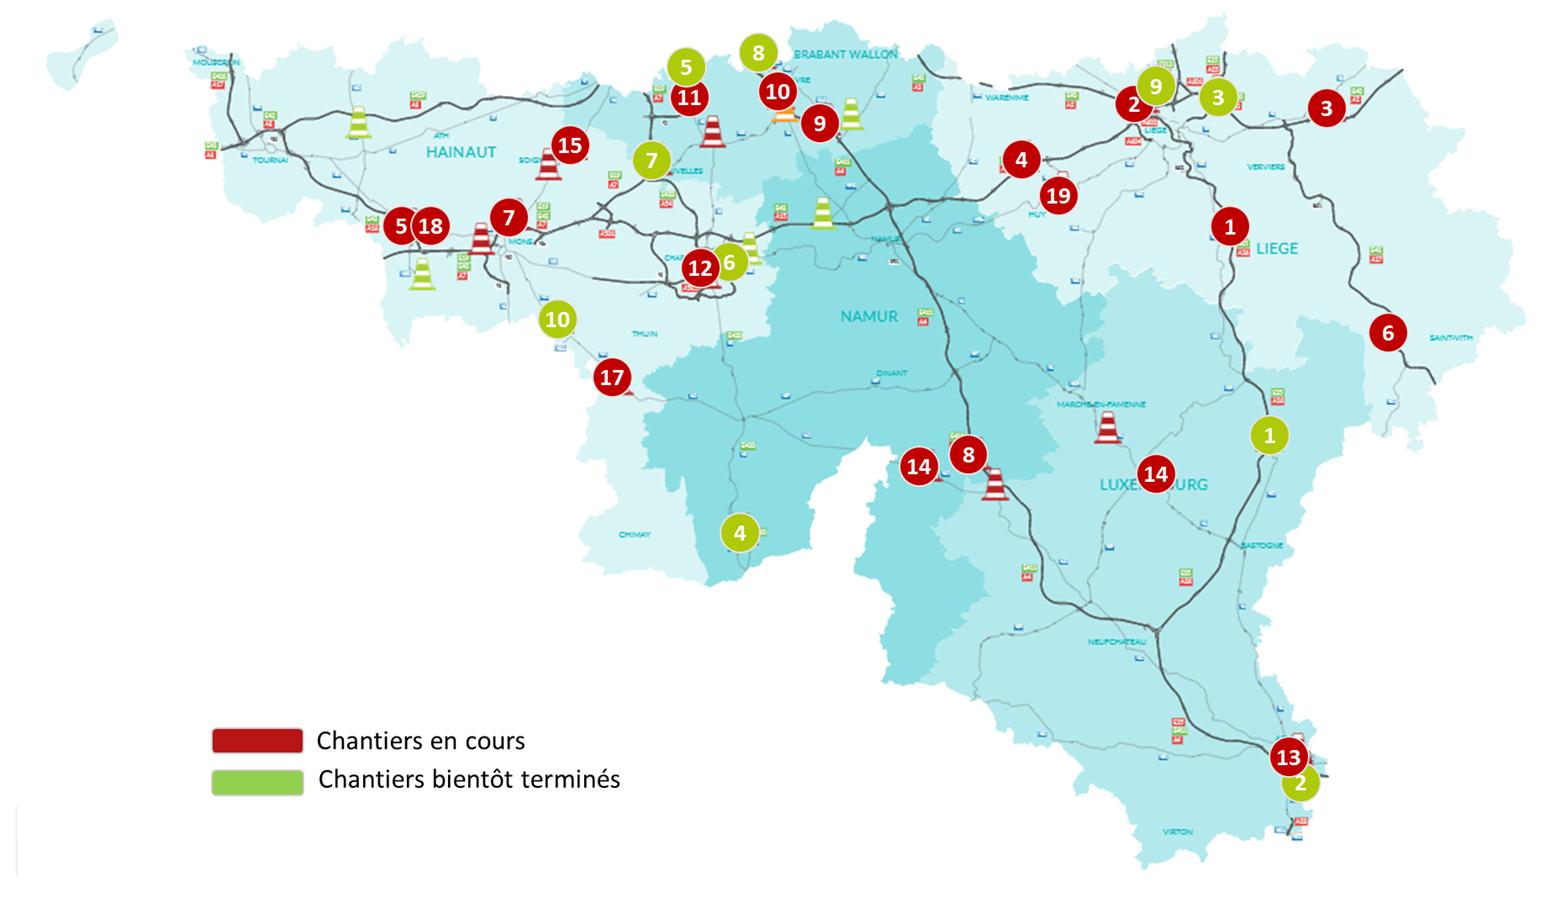 Principaux chantiers en cours sur les autoroutes et nationales en province de Luxembourg et en Wallonie